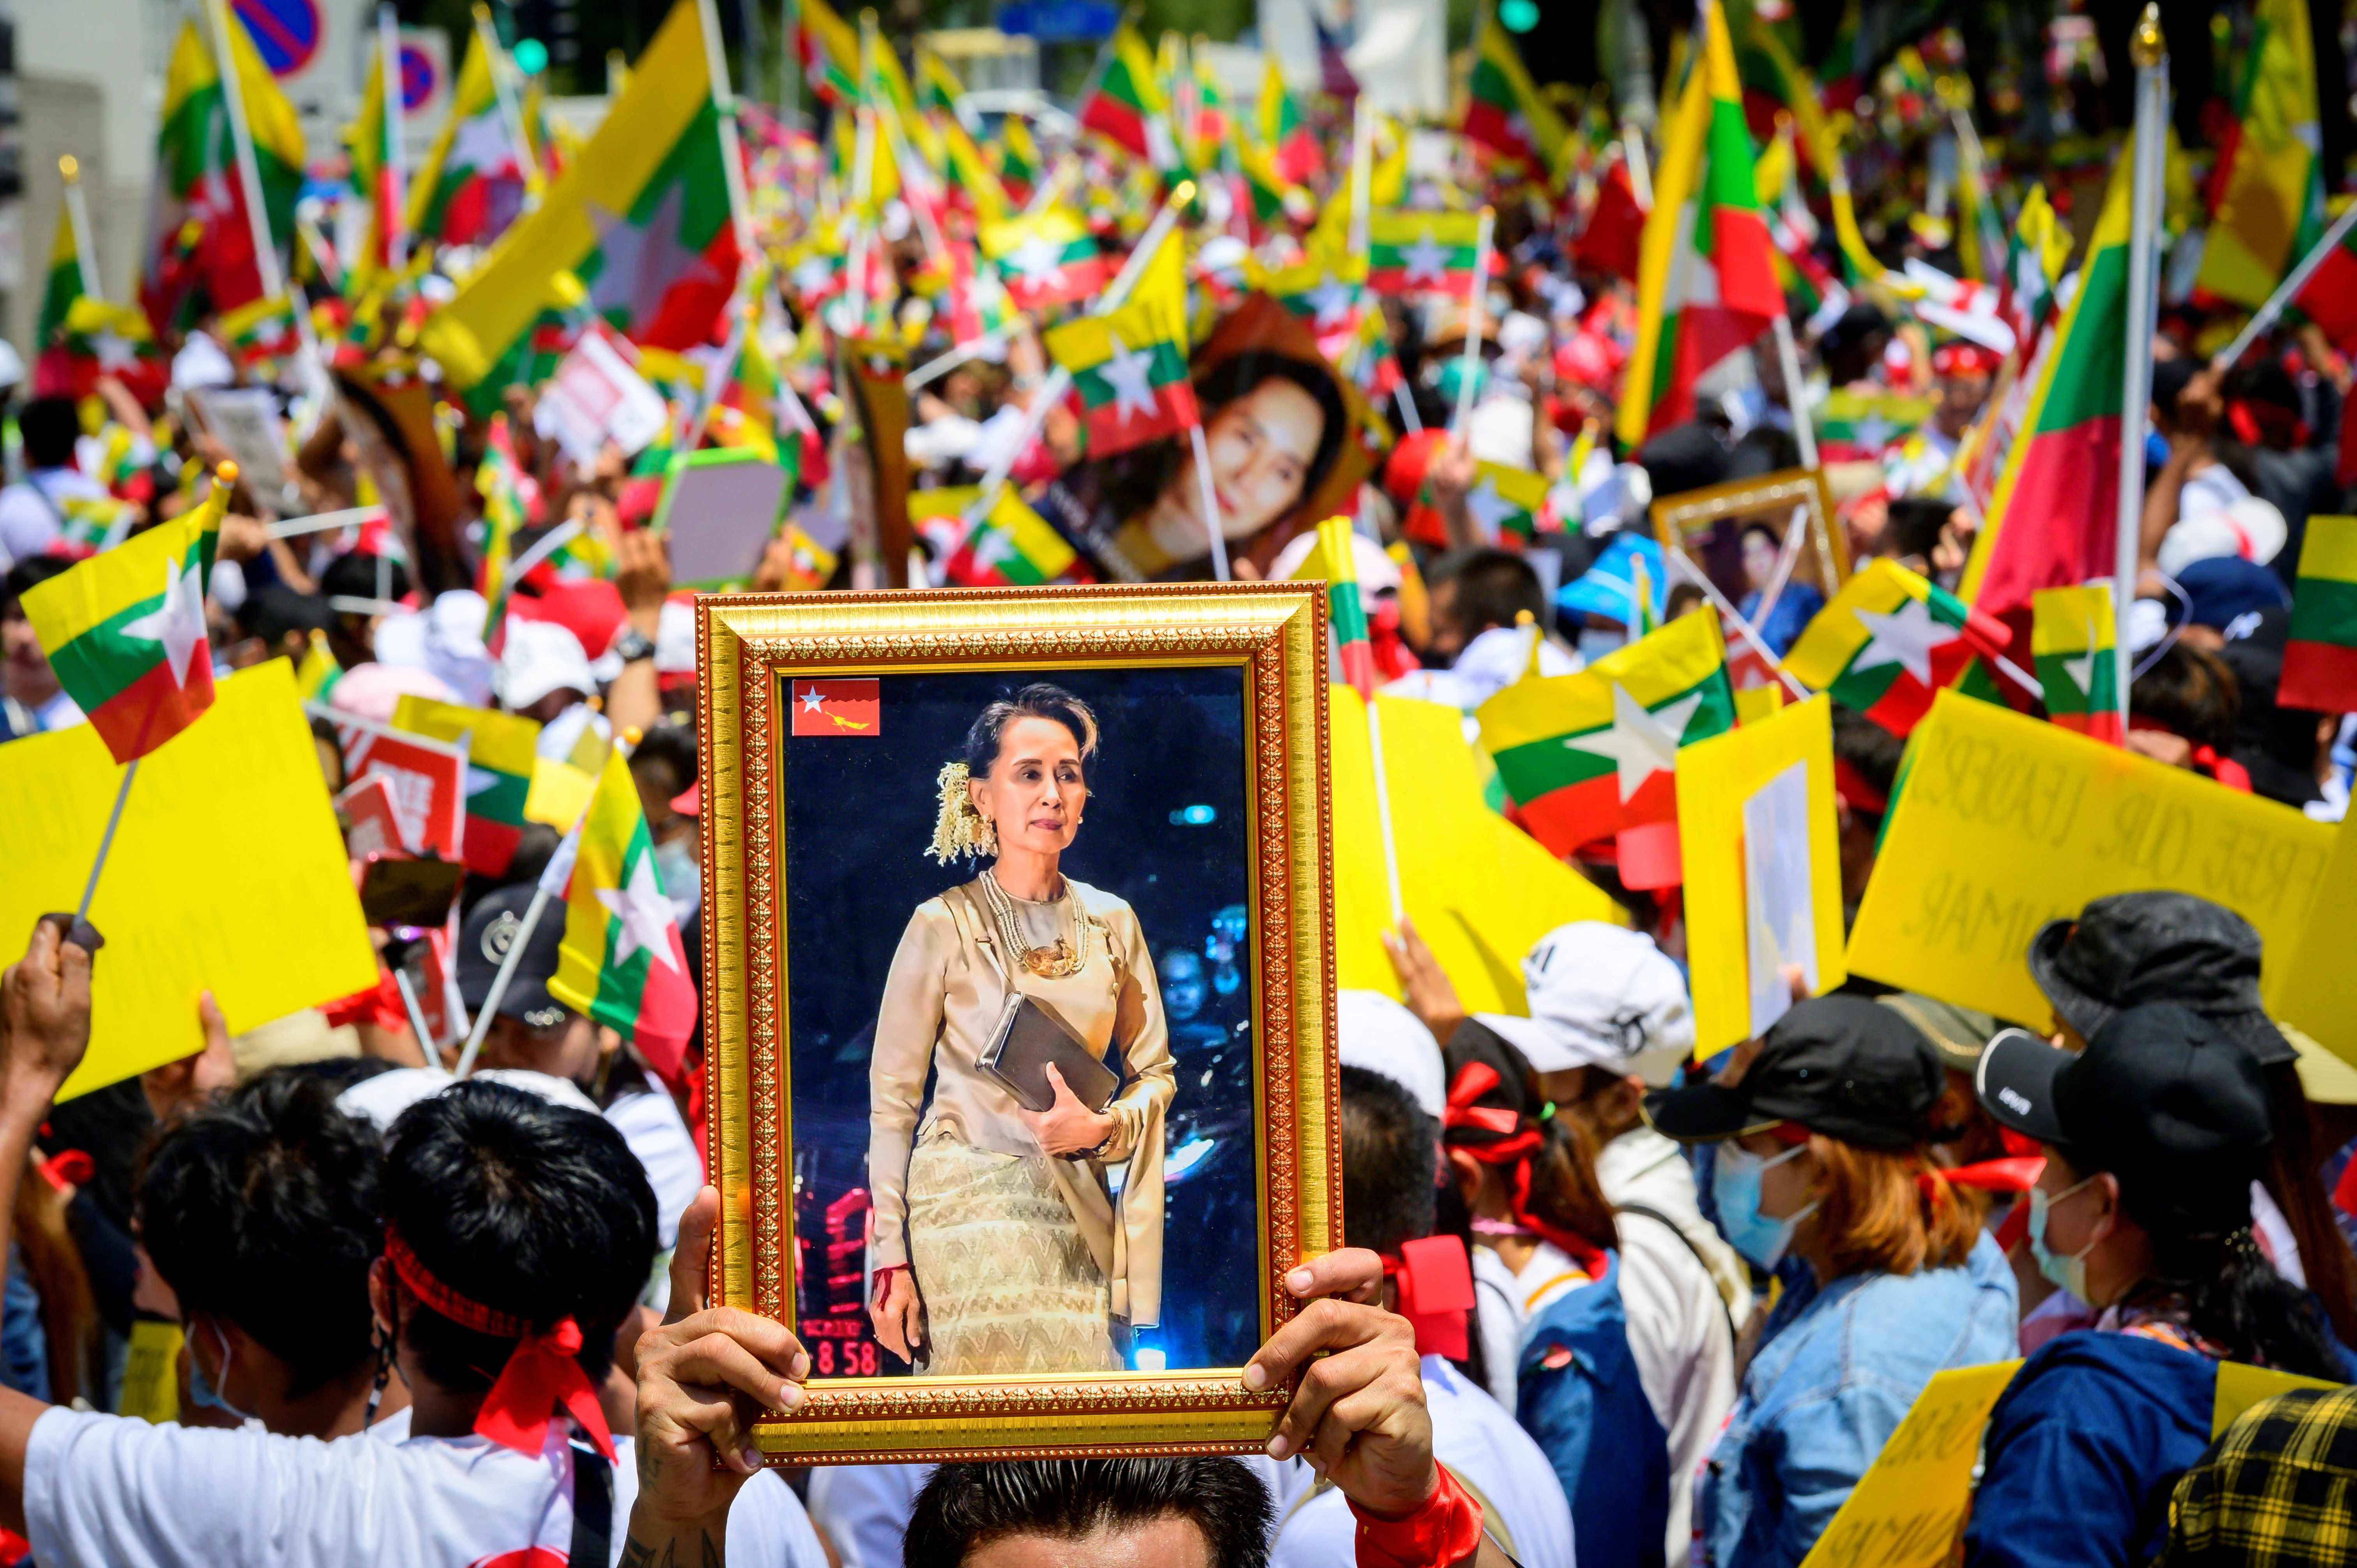 Simpatizantes de Suu Kyi piden su liberación en Tailandia.